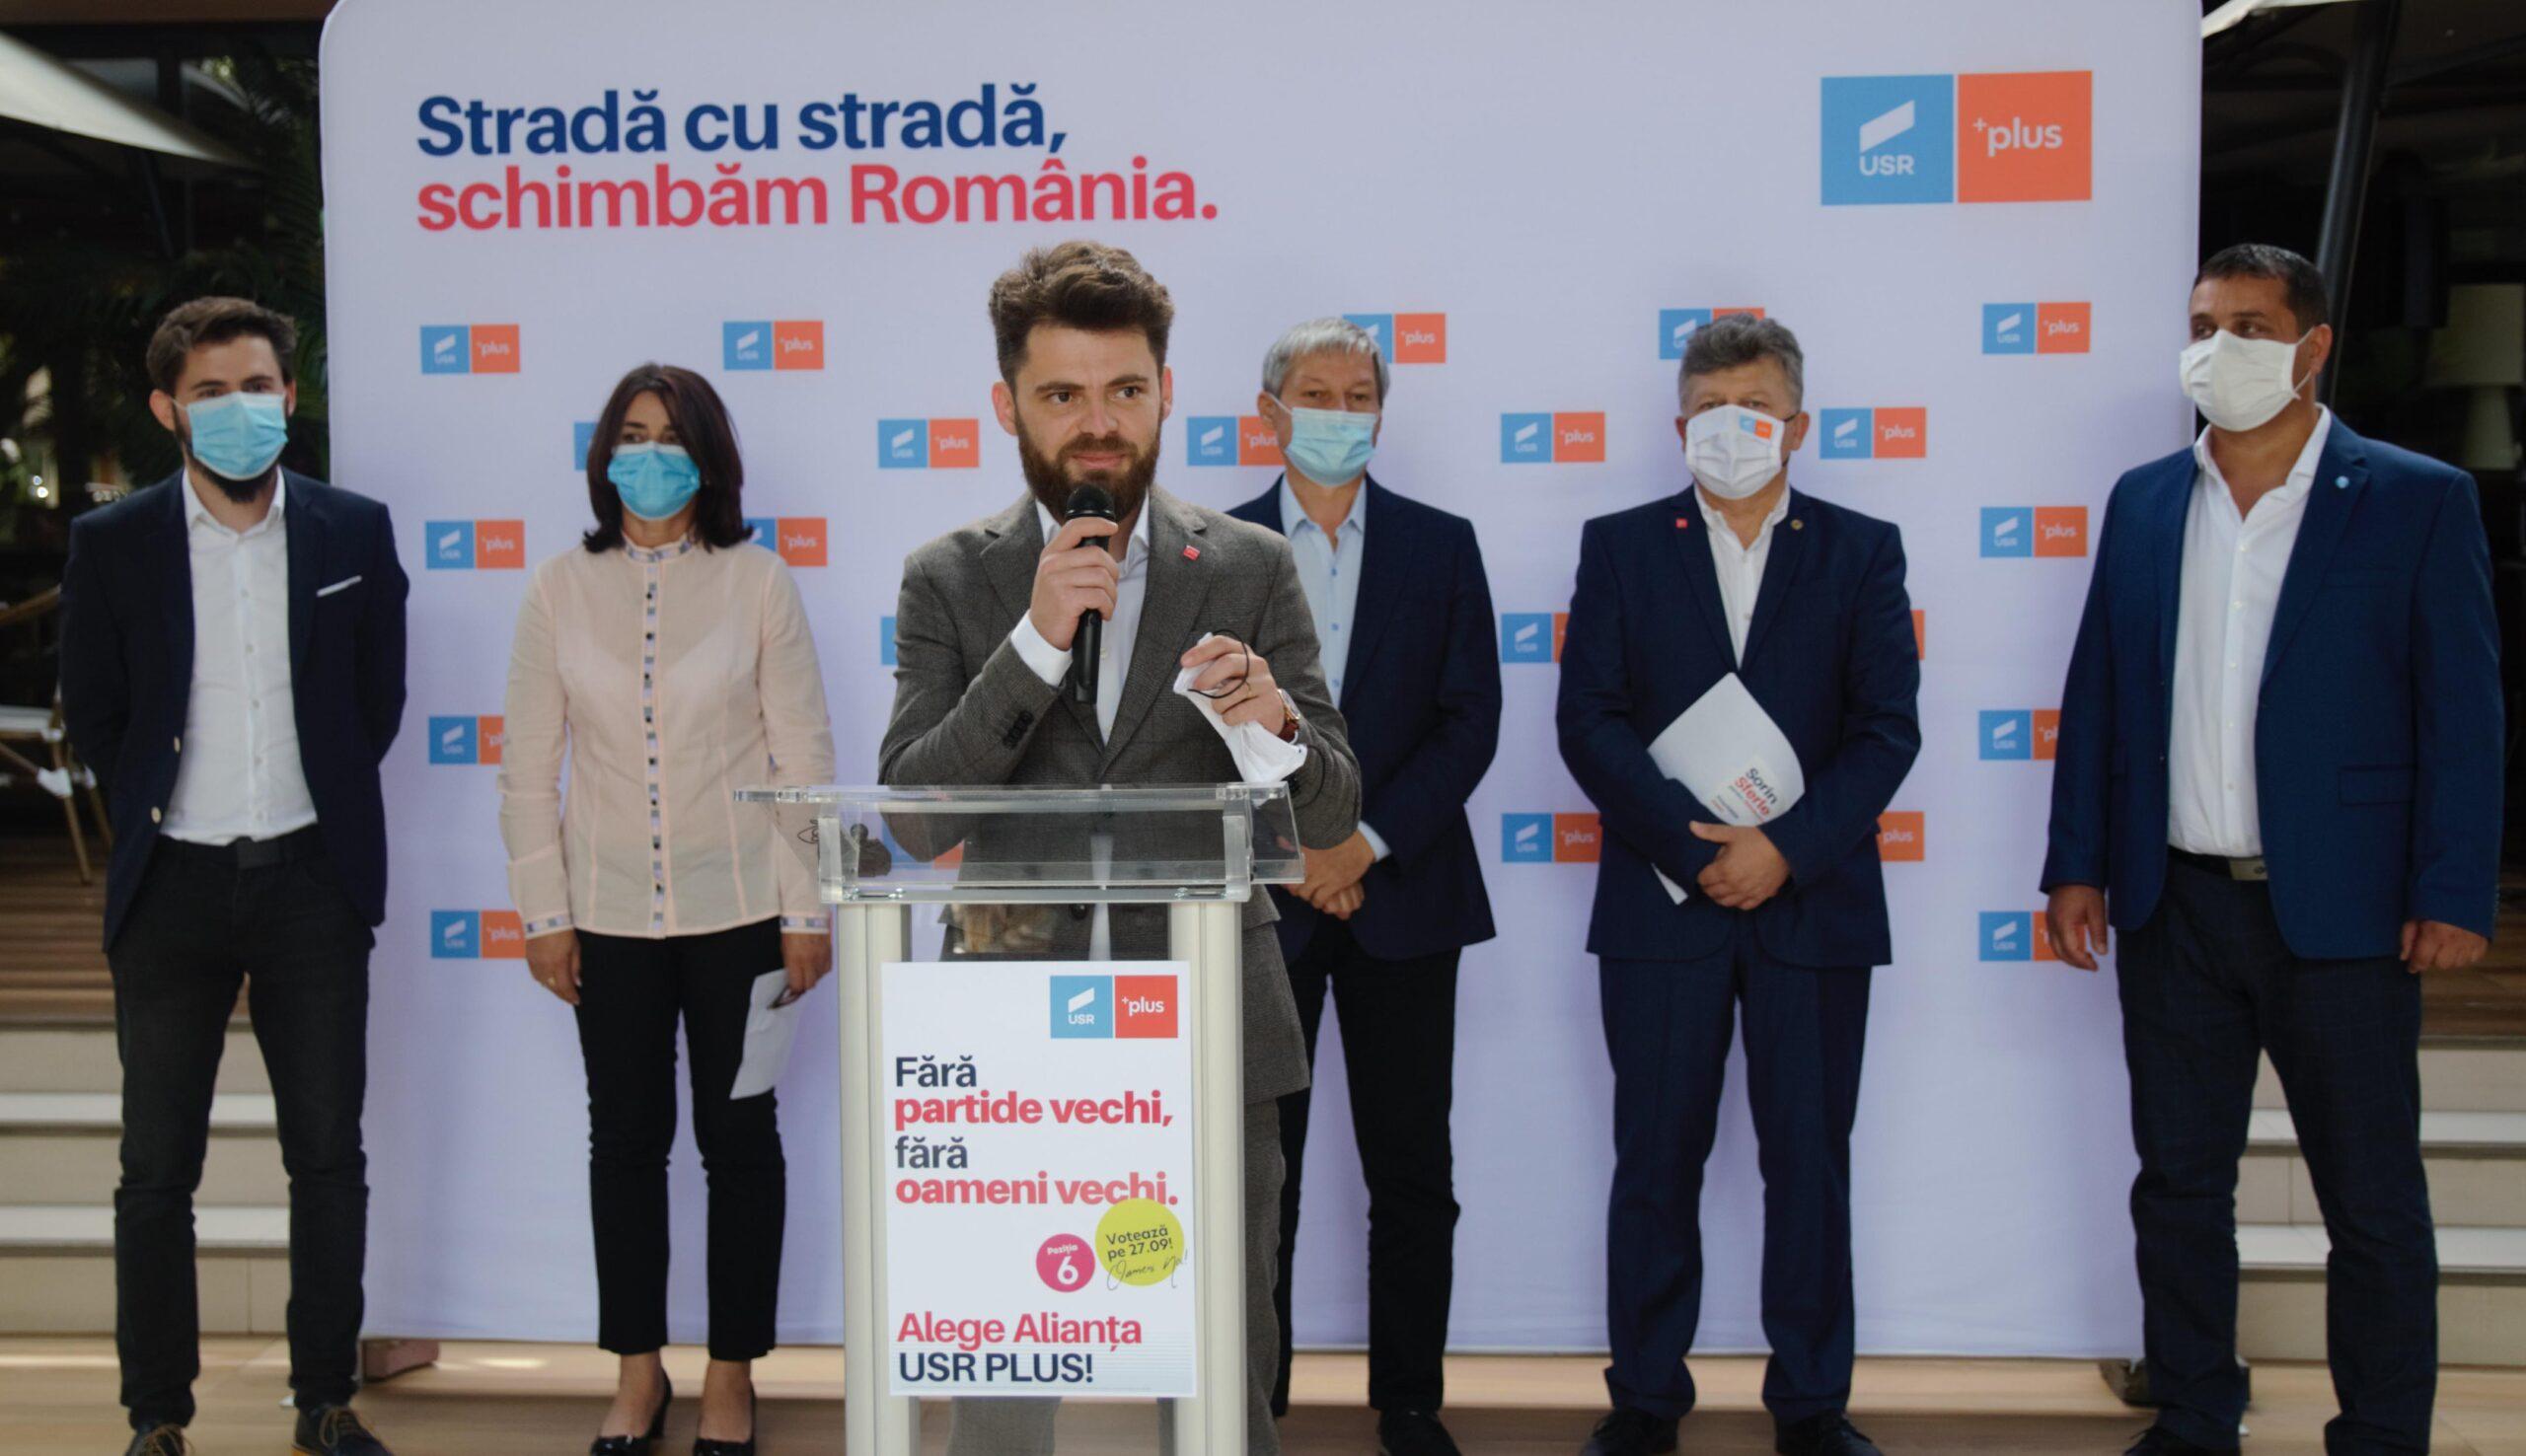 Alianţa USR PLUS Teleorman şi-a ales candidaţii pentru Parlamentul României